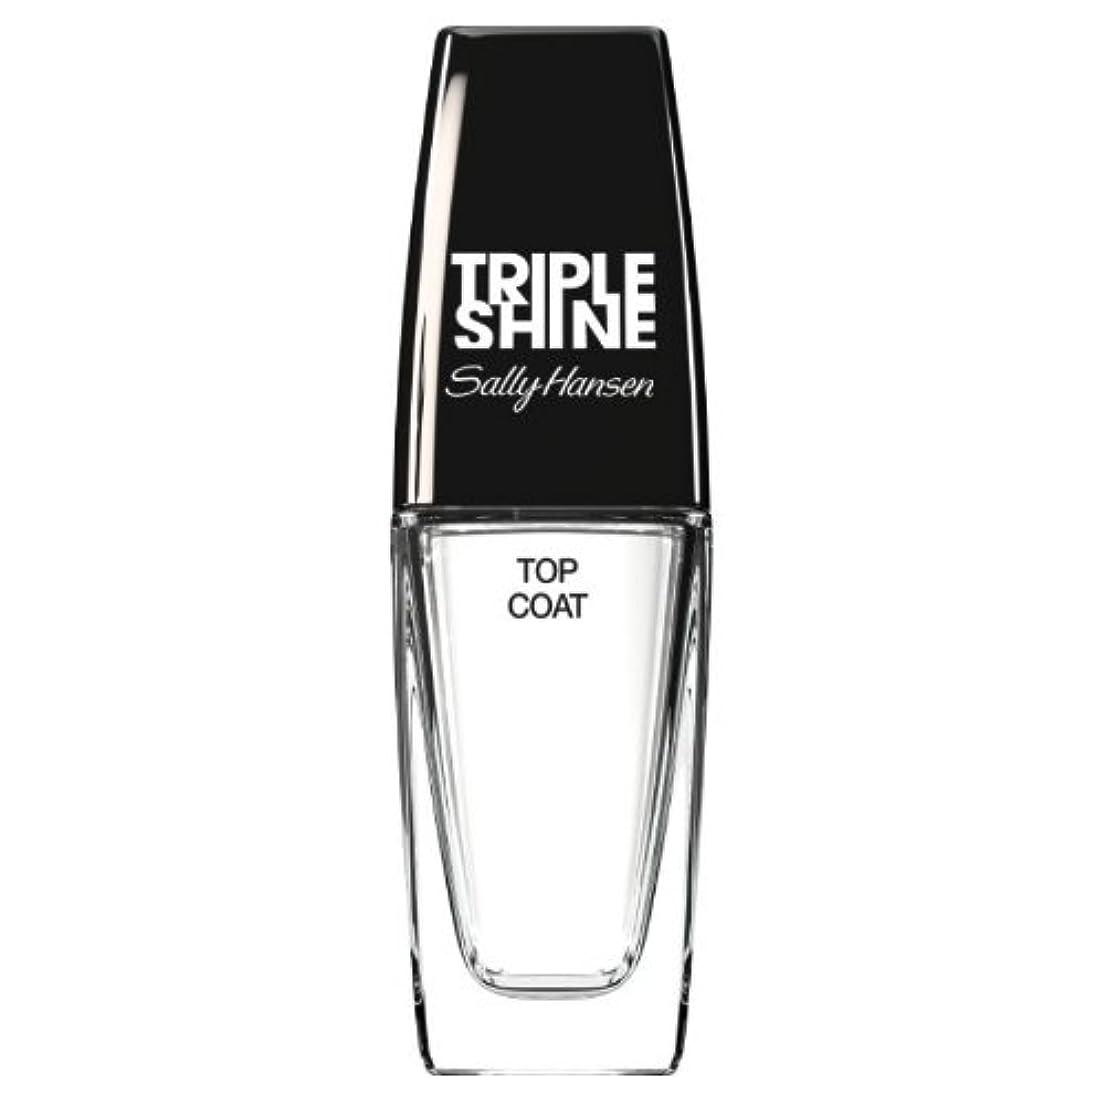 巡礼者化学紛争(6 Pack) SALLY HANSEN Triple Shine Top Coat - Triple Shine Top Coat (並行輸入品)